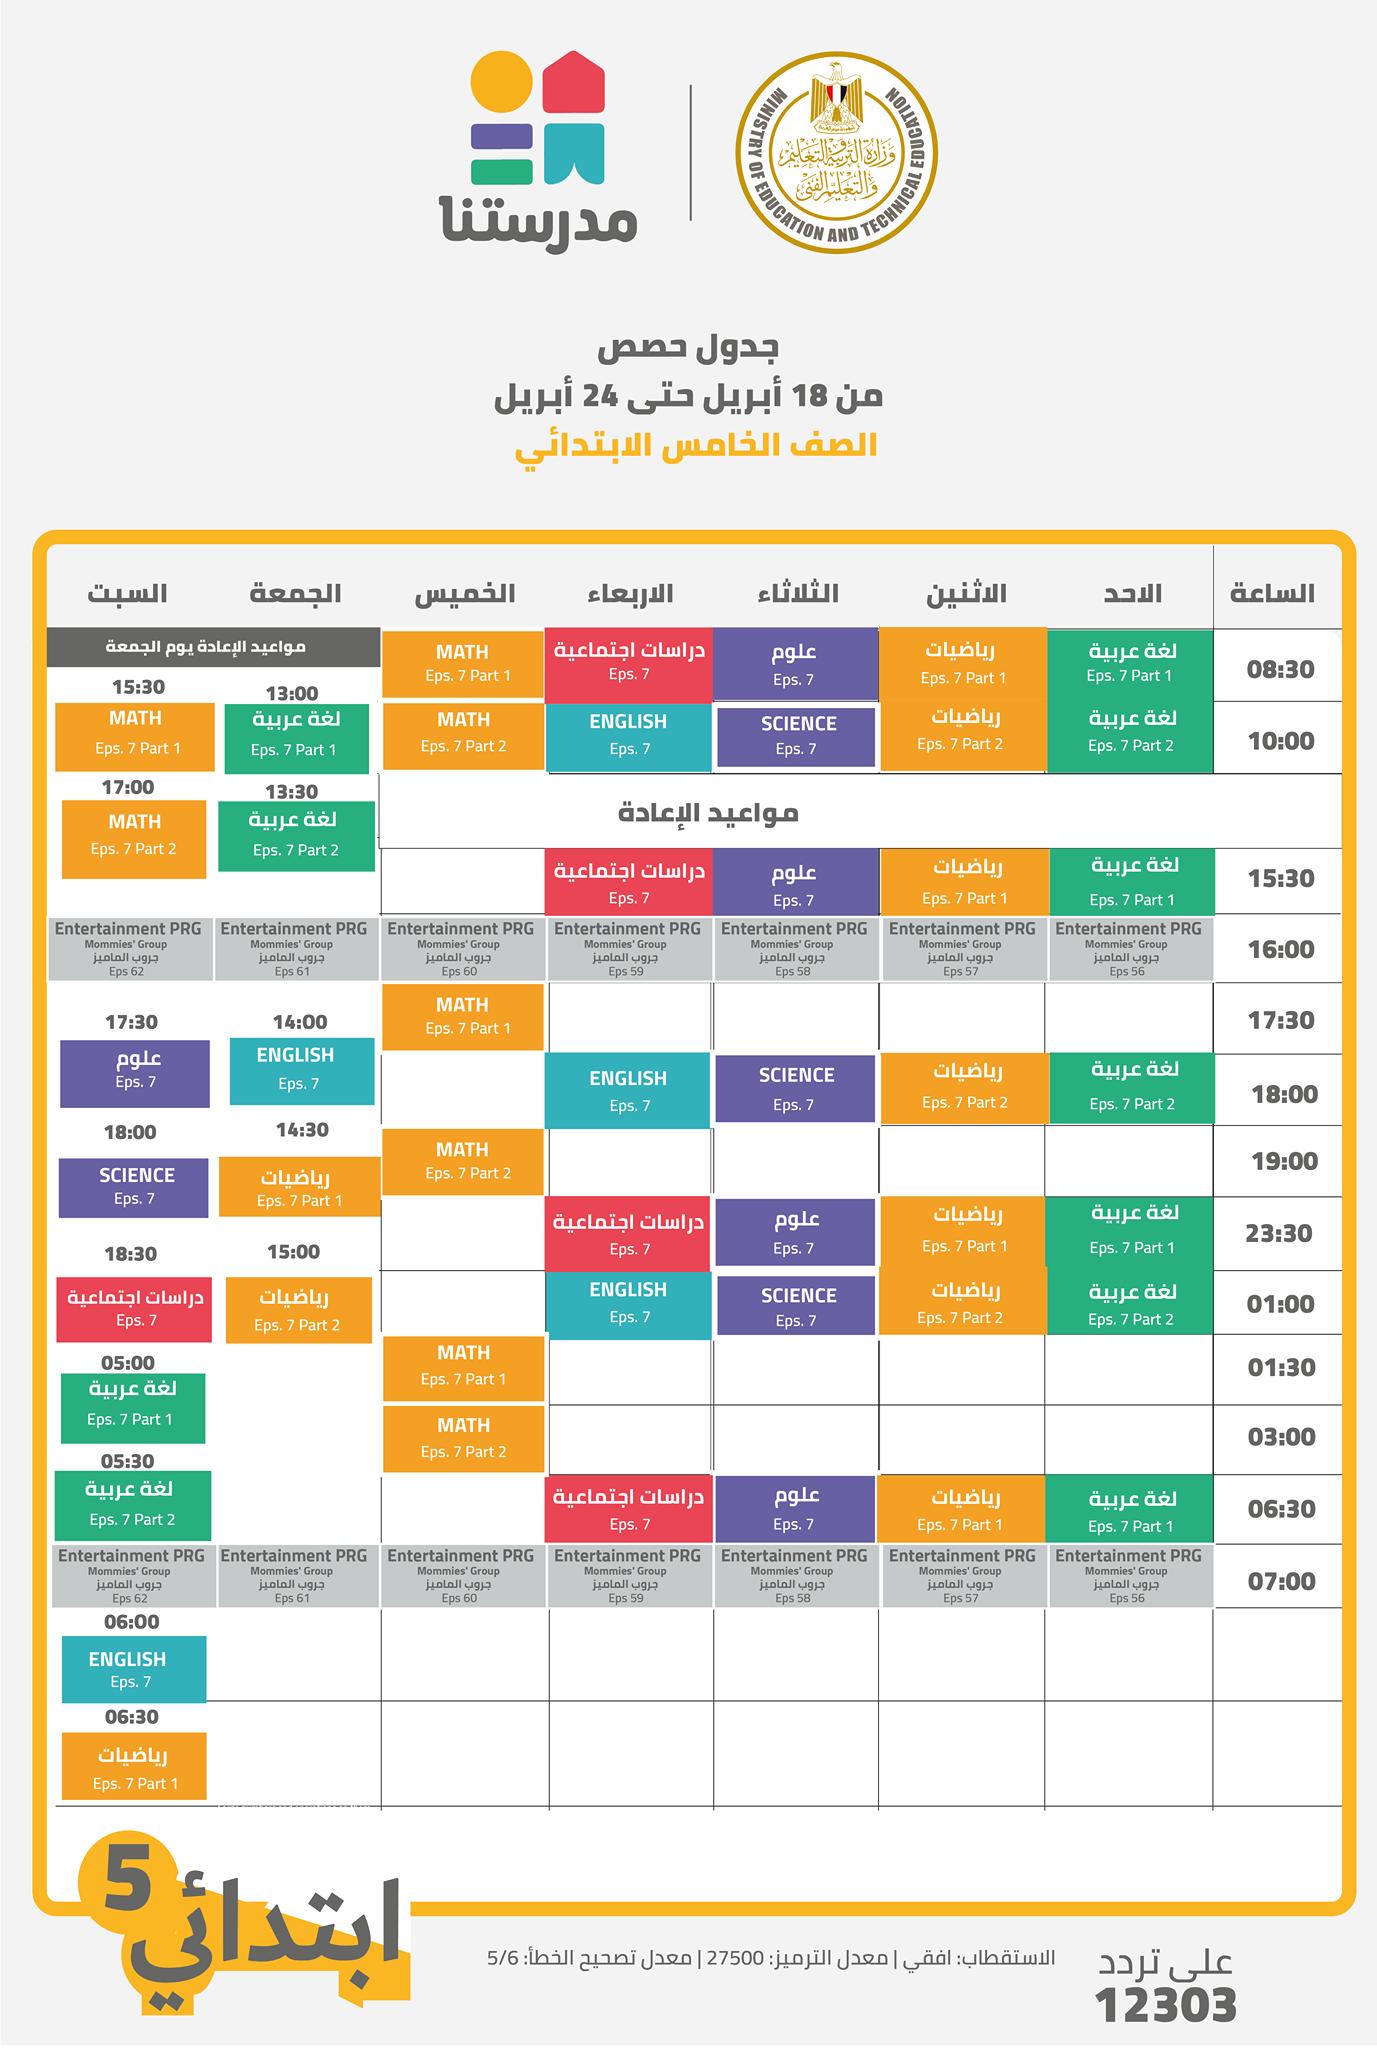 جدول مواعيد البرامج التعليمية علي قناة مدرستنا التعليمية من 18 أبريل إلي 24 أبريل 2021 4